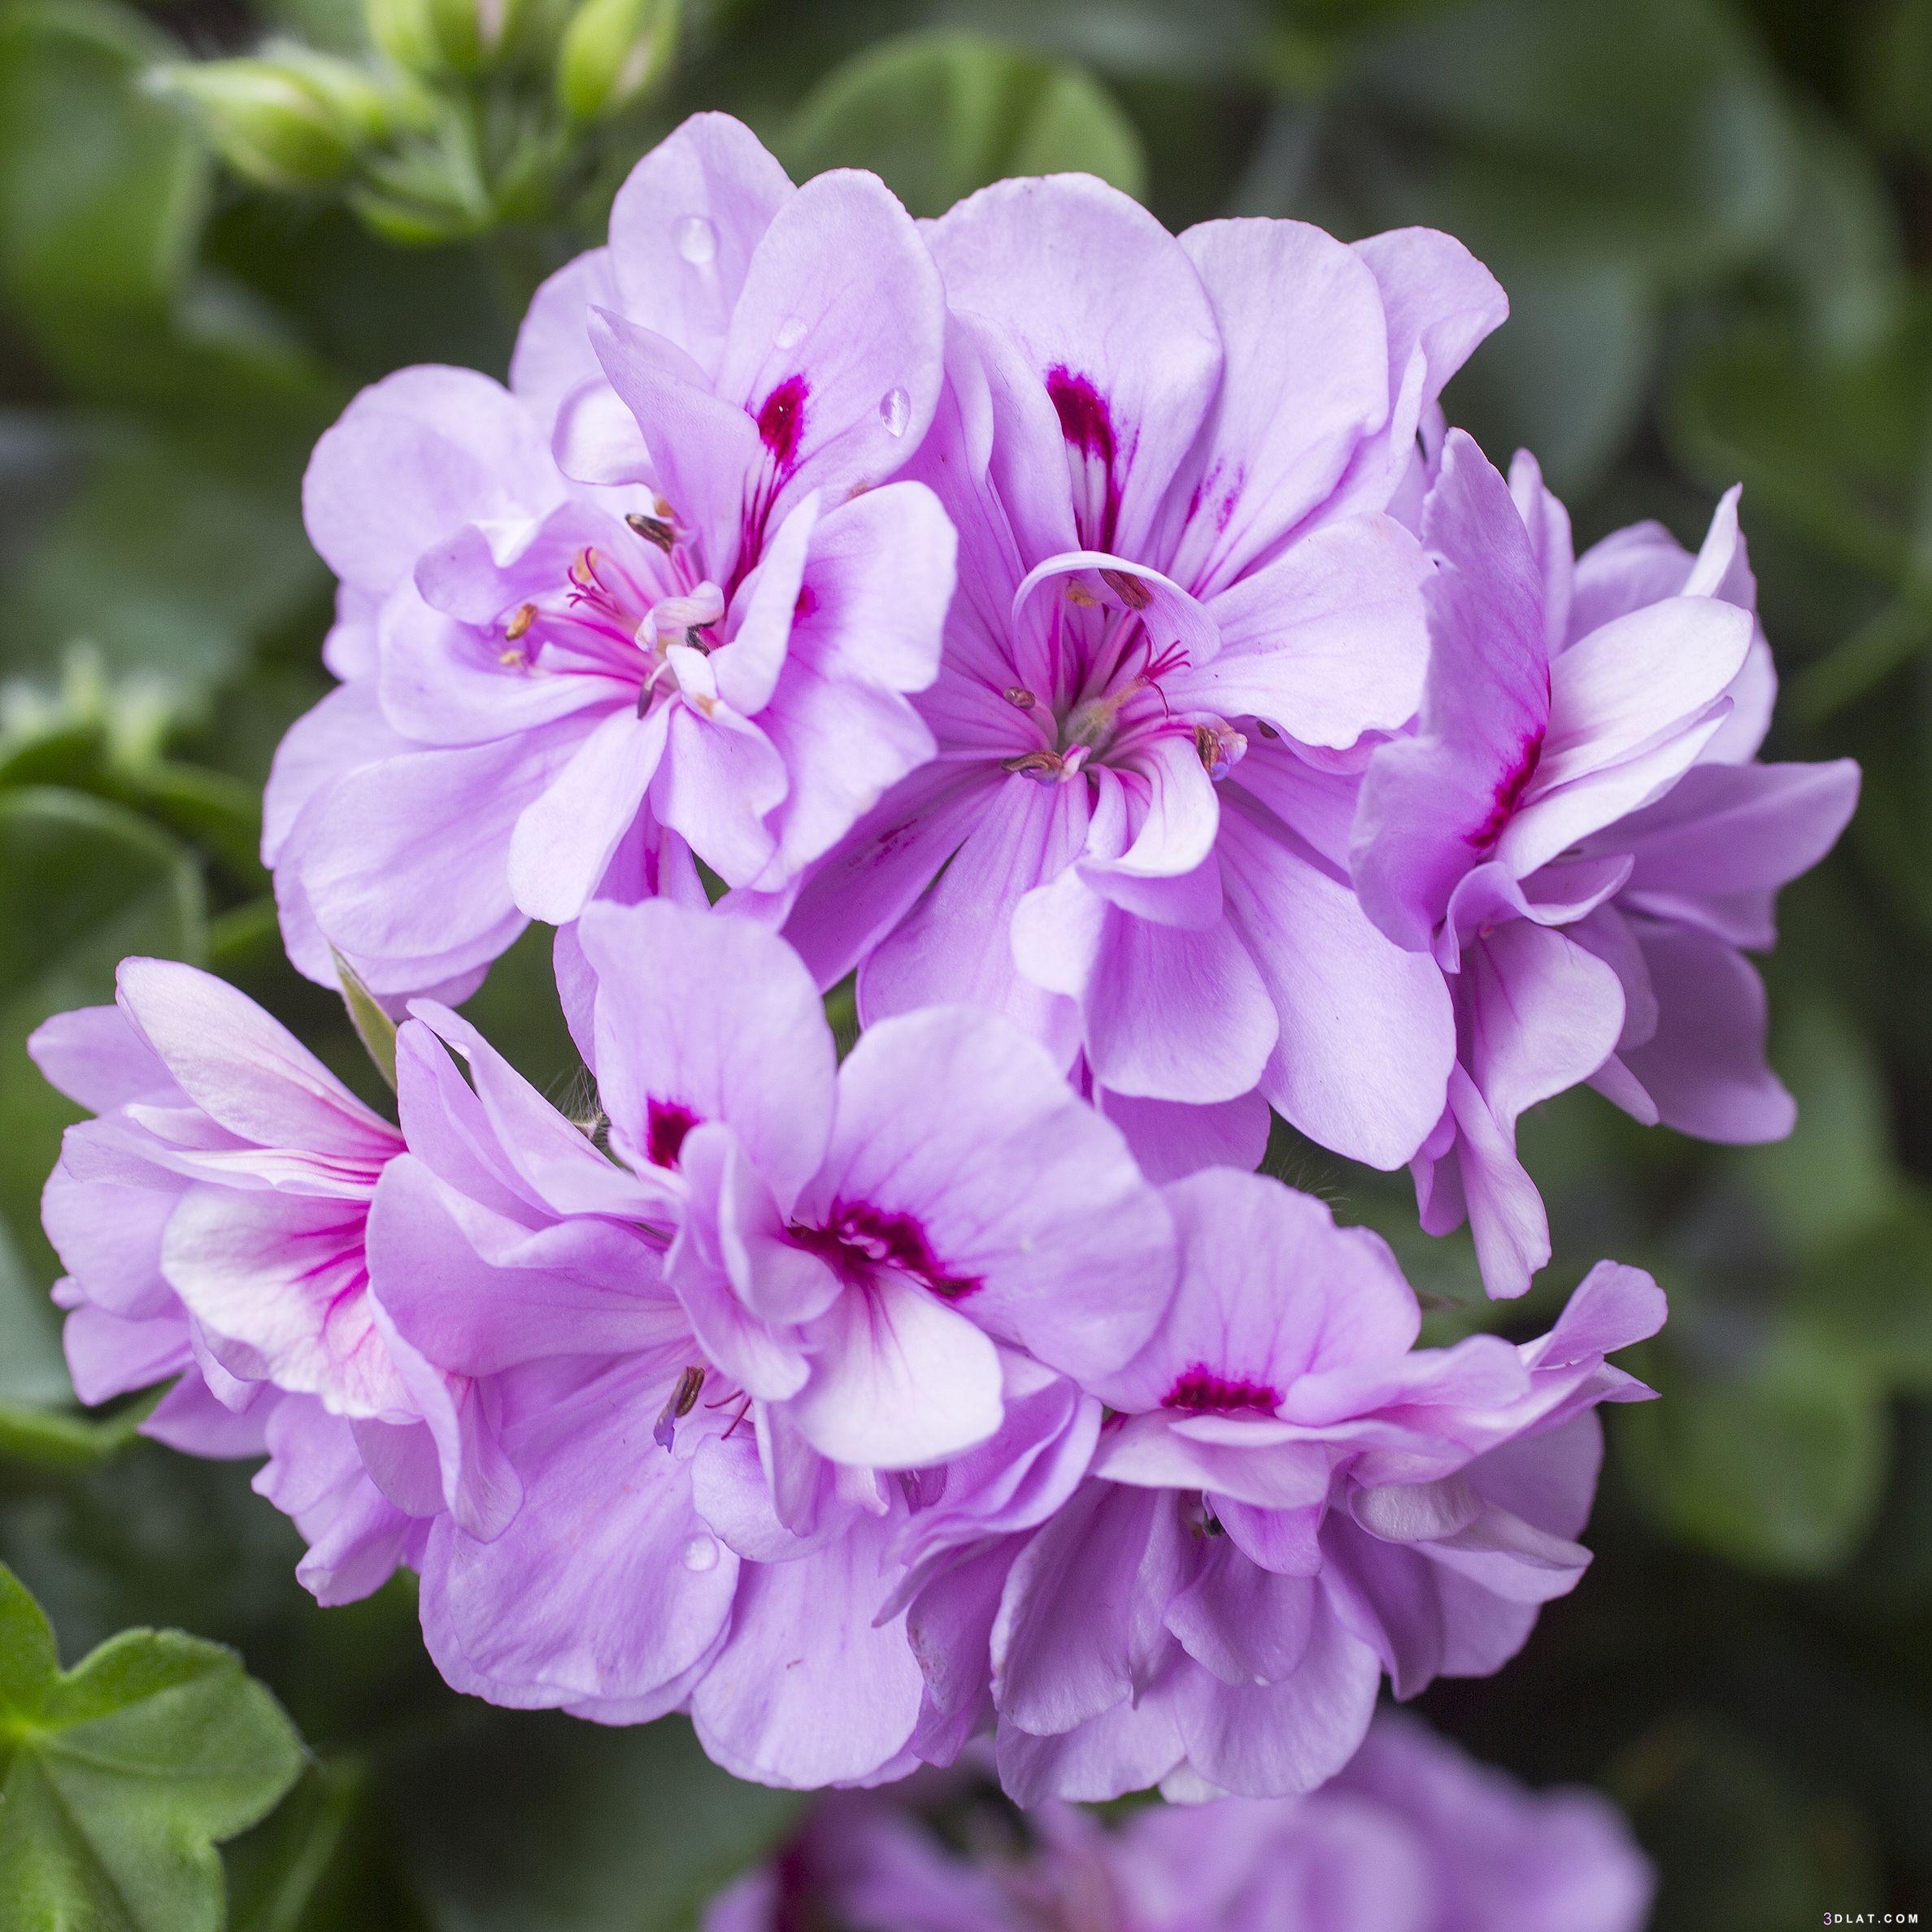 ازهار مميزة 2019 اجمل الورد والازهار 3dlat.com_22_18_539f